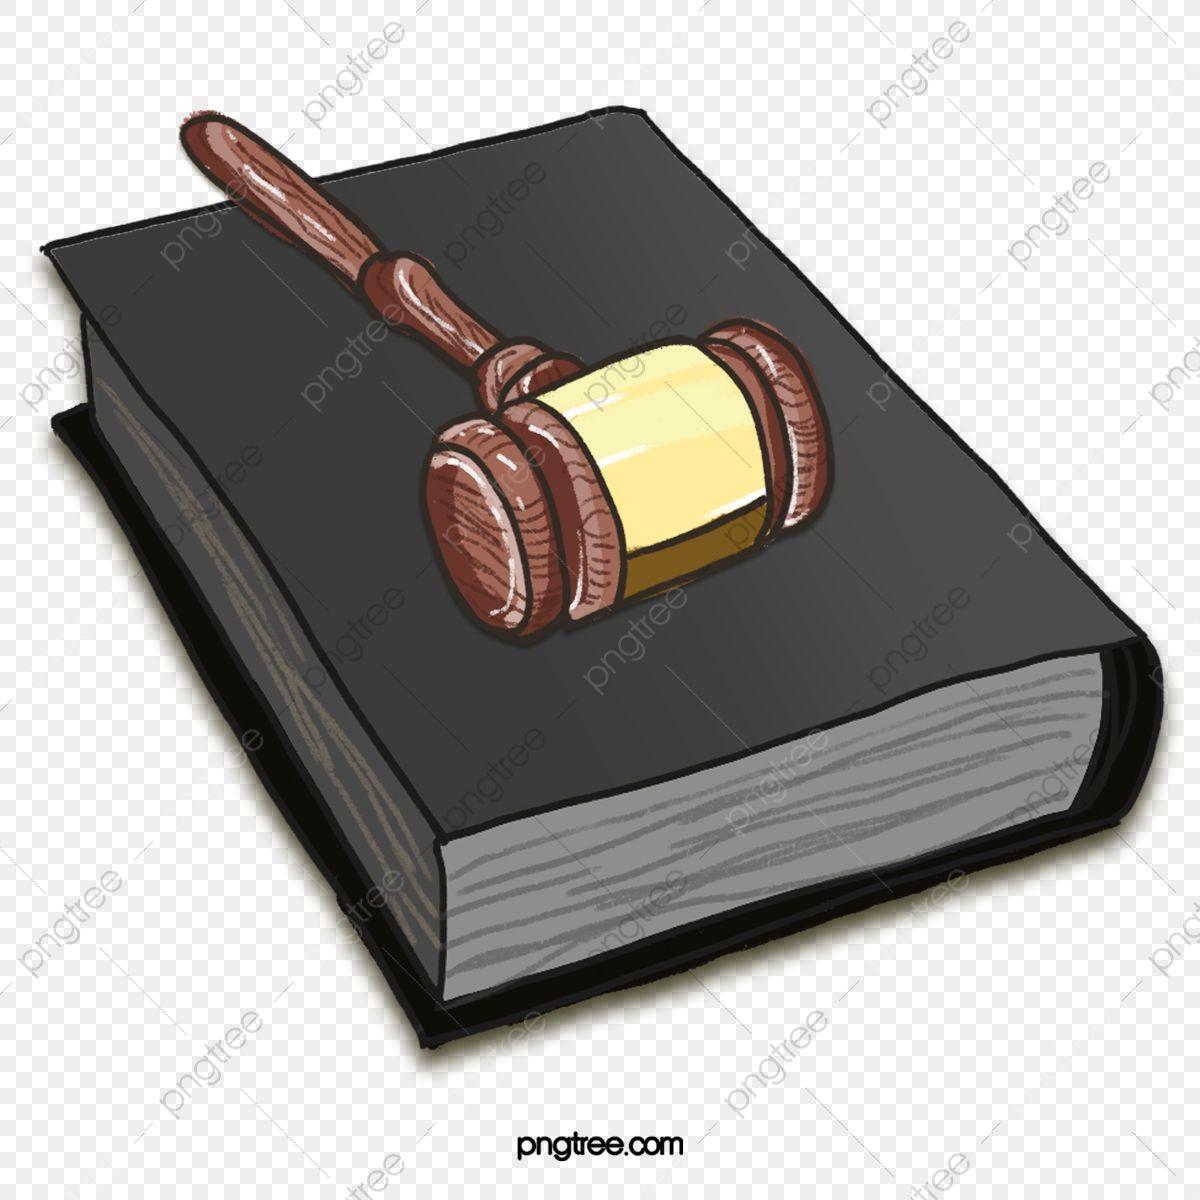 หน งส อท เก ยวก บกฎหมาย คล ปอาร ตกฎหมาย ย ต ธรรมและเสมอภาค ค อนภาพ Png และ Psd สำหร บดาวน โหลดฟร